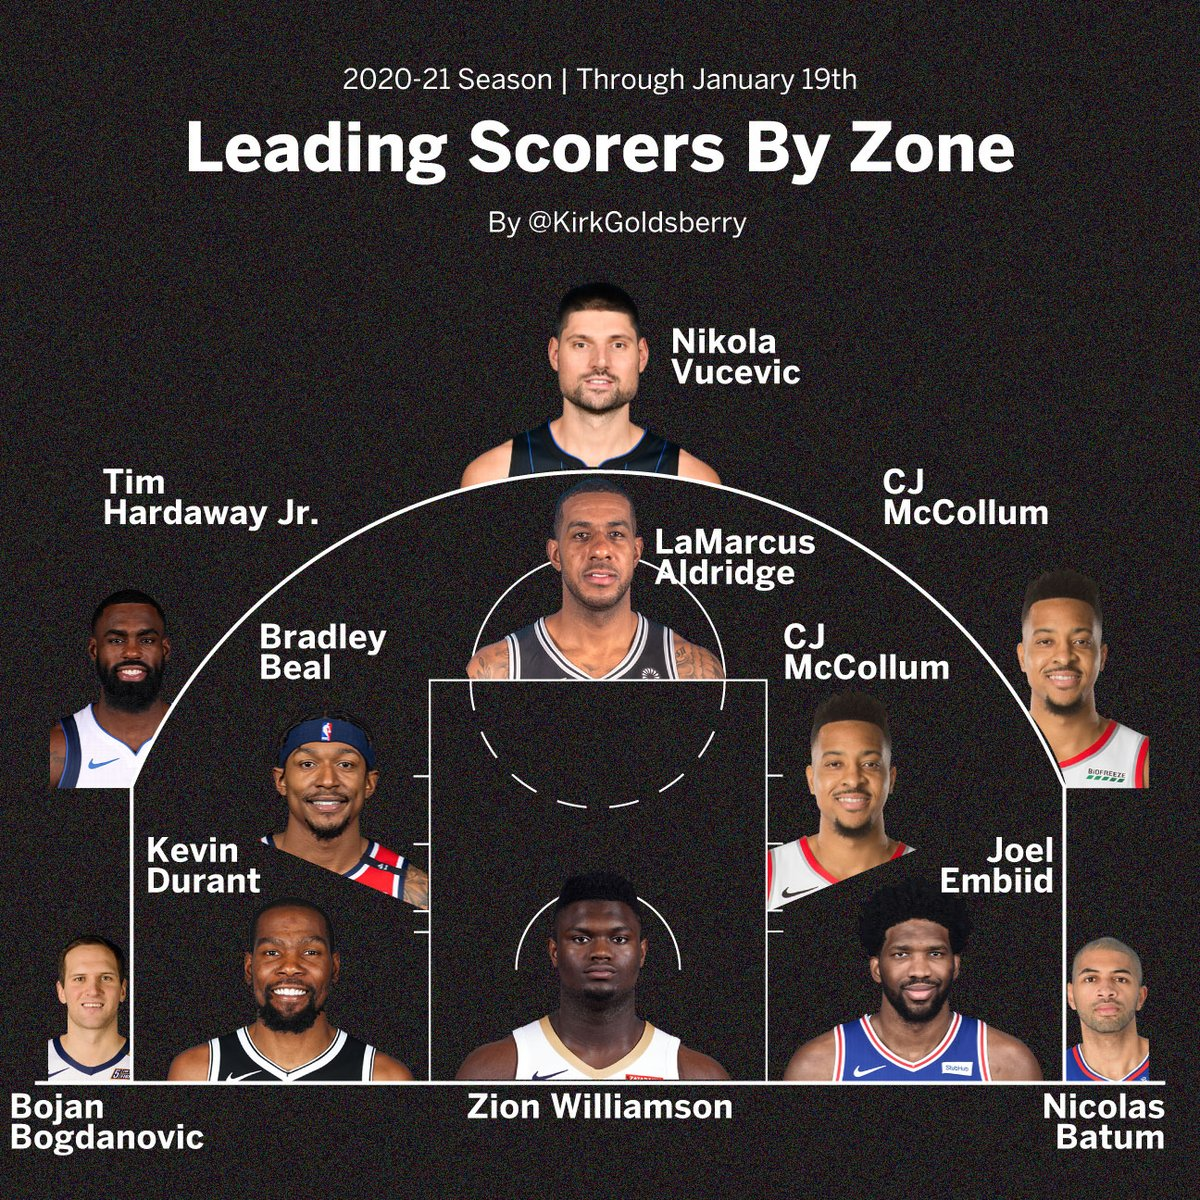 Leading Scorers By Zone https://t.co/simaEtGYlz